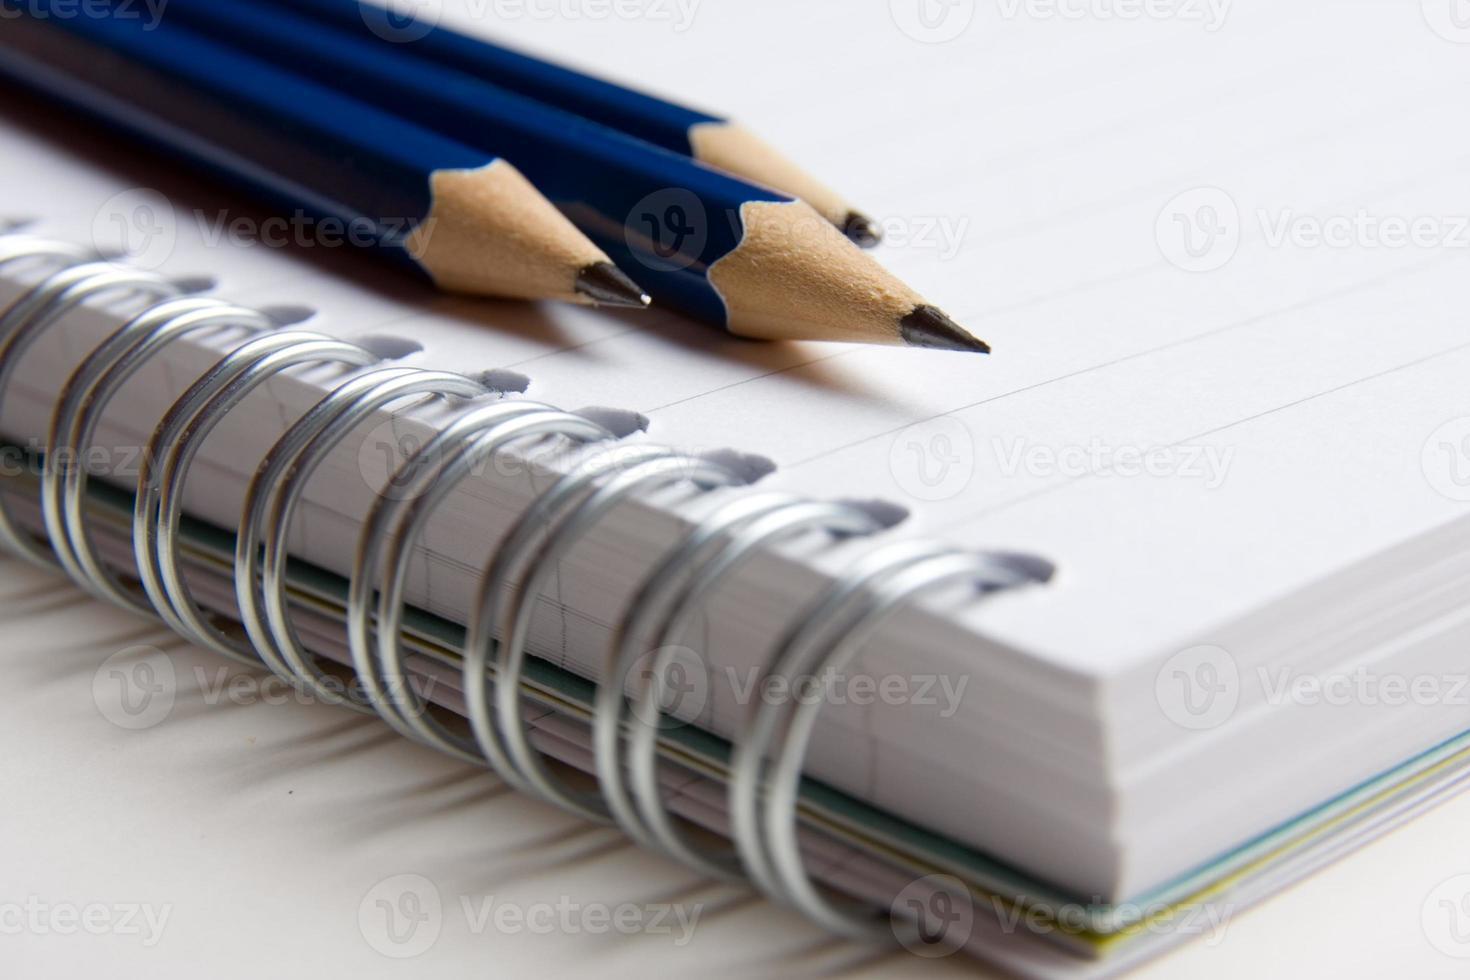 bloc-notes et crayons photo